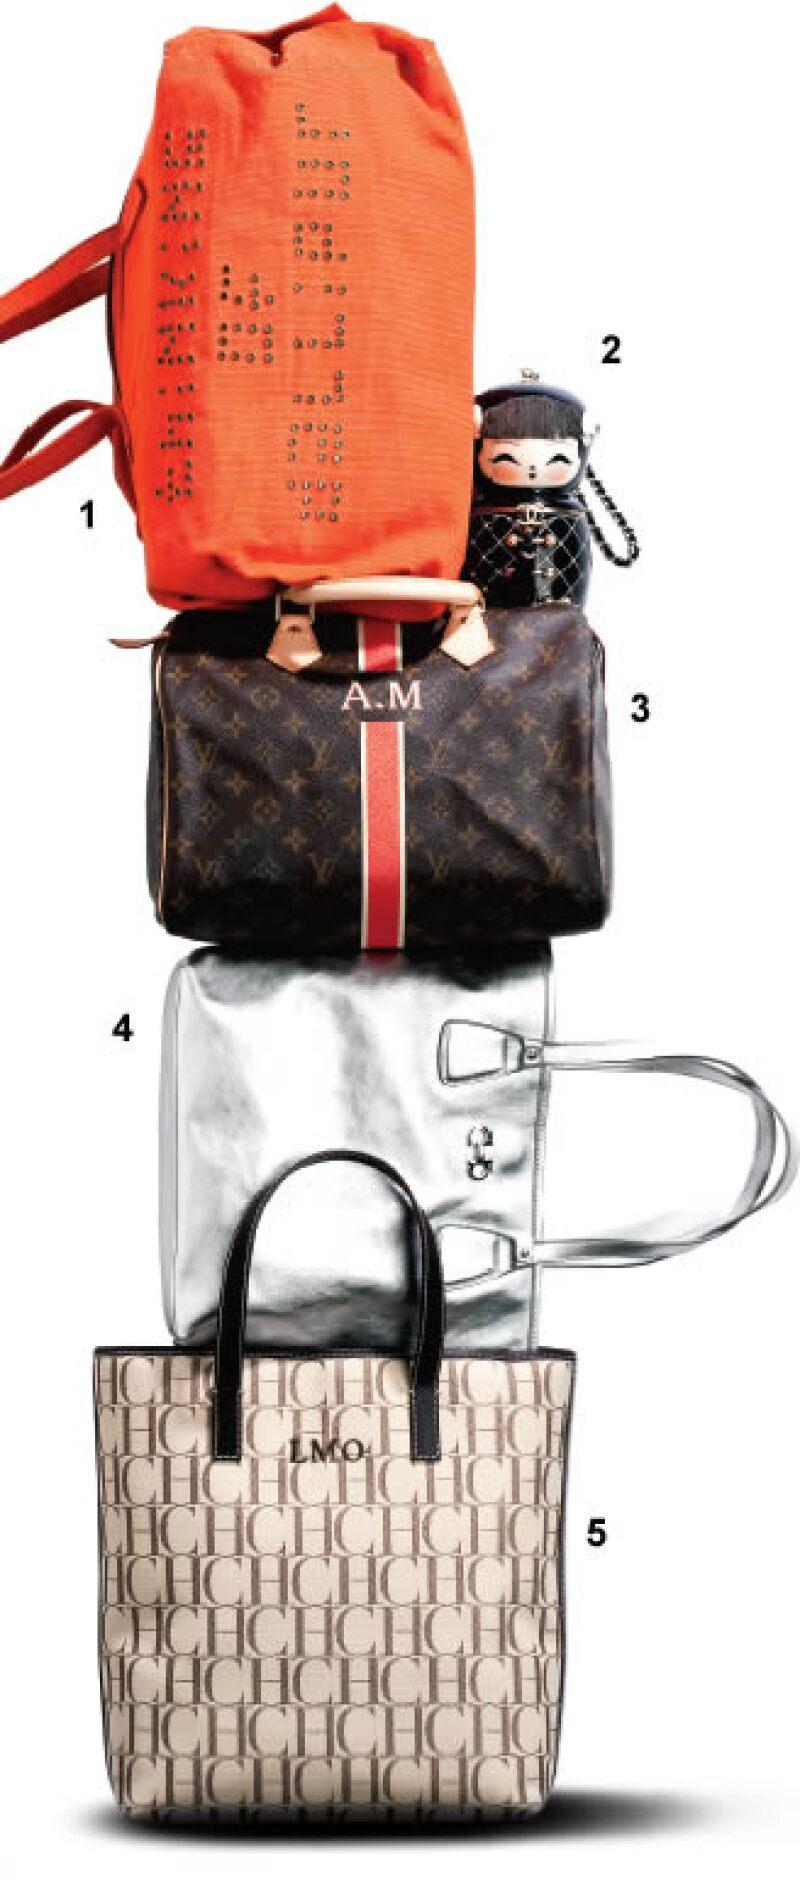 Los bolsos son un símbolo de distinción femenino. (Foto: Oscar O. Hofmann)